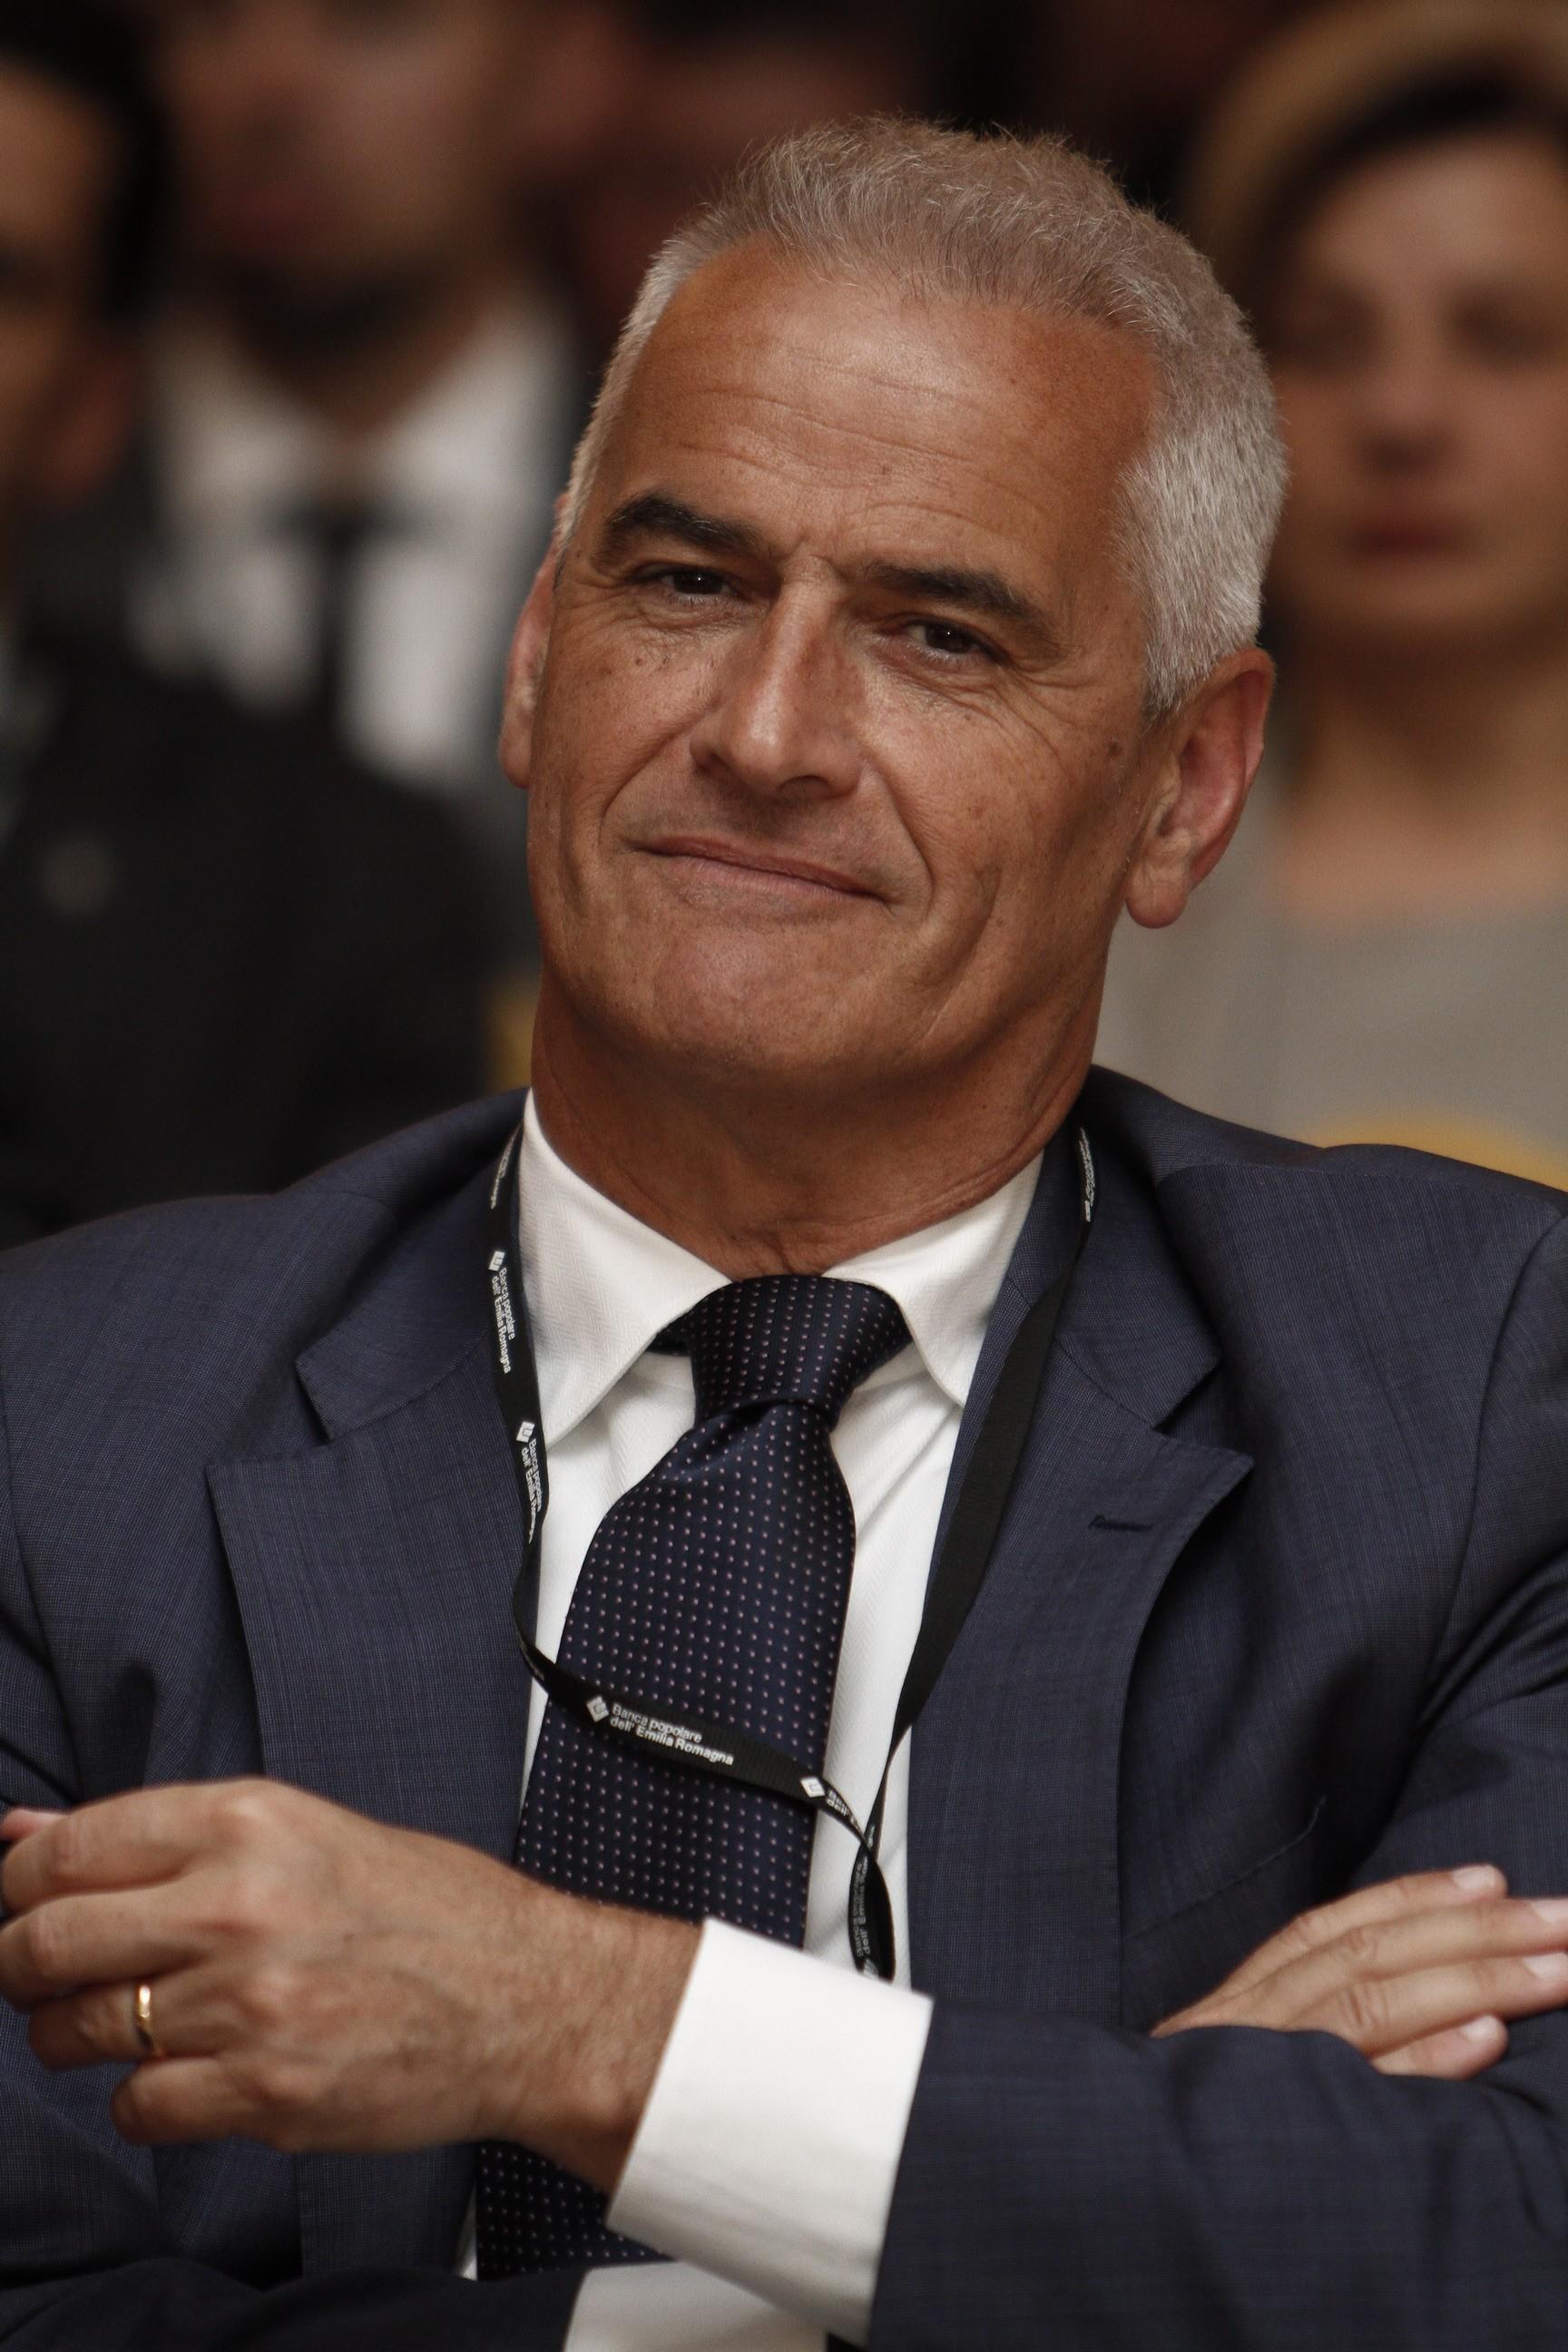 PIERPIO CERFOGLI - #ILCLIENTE